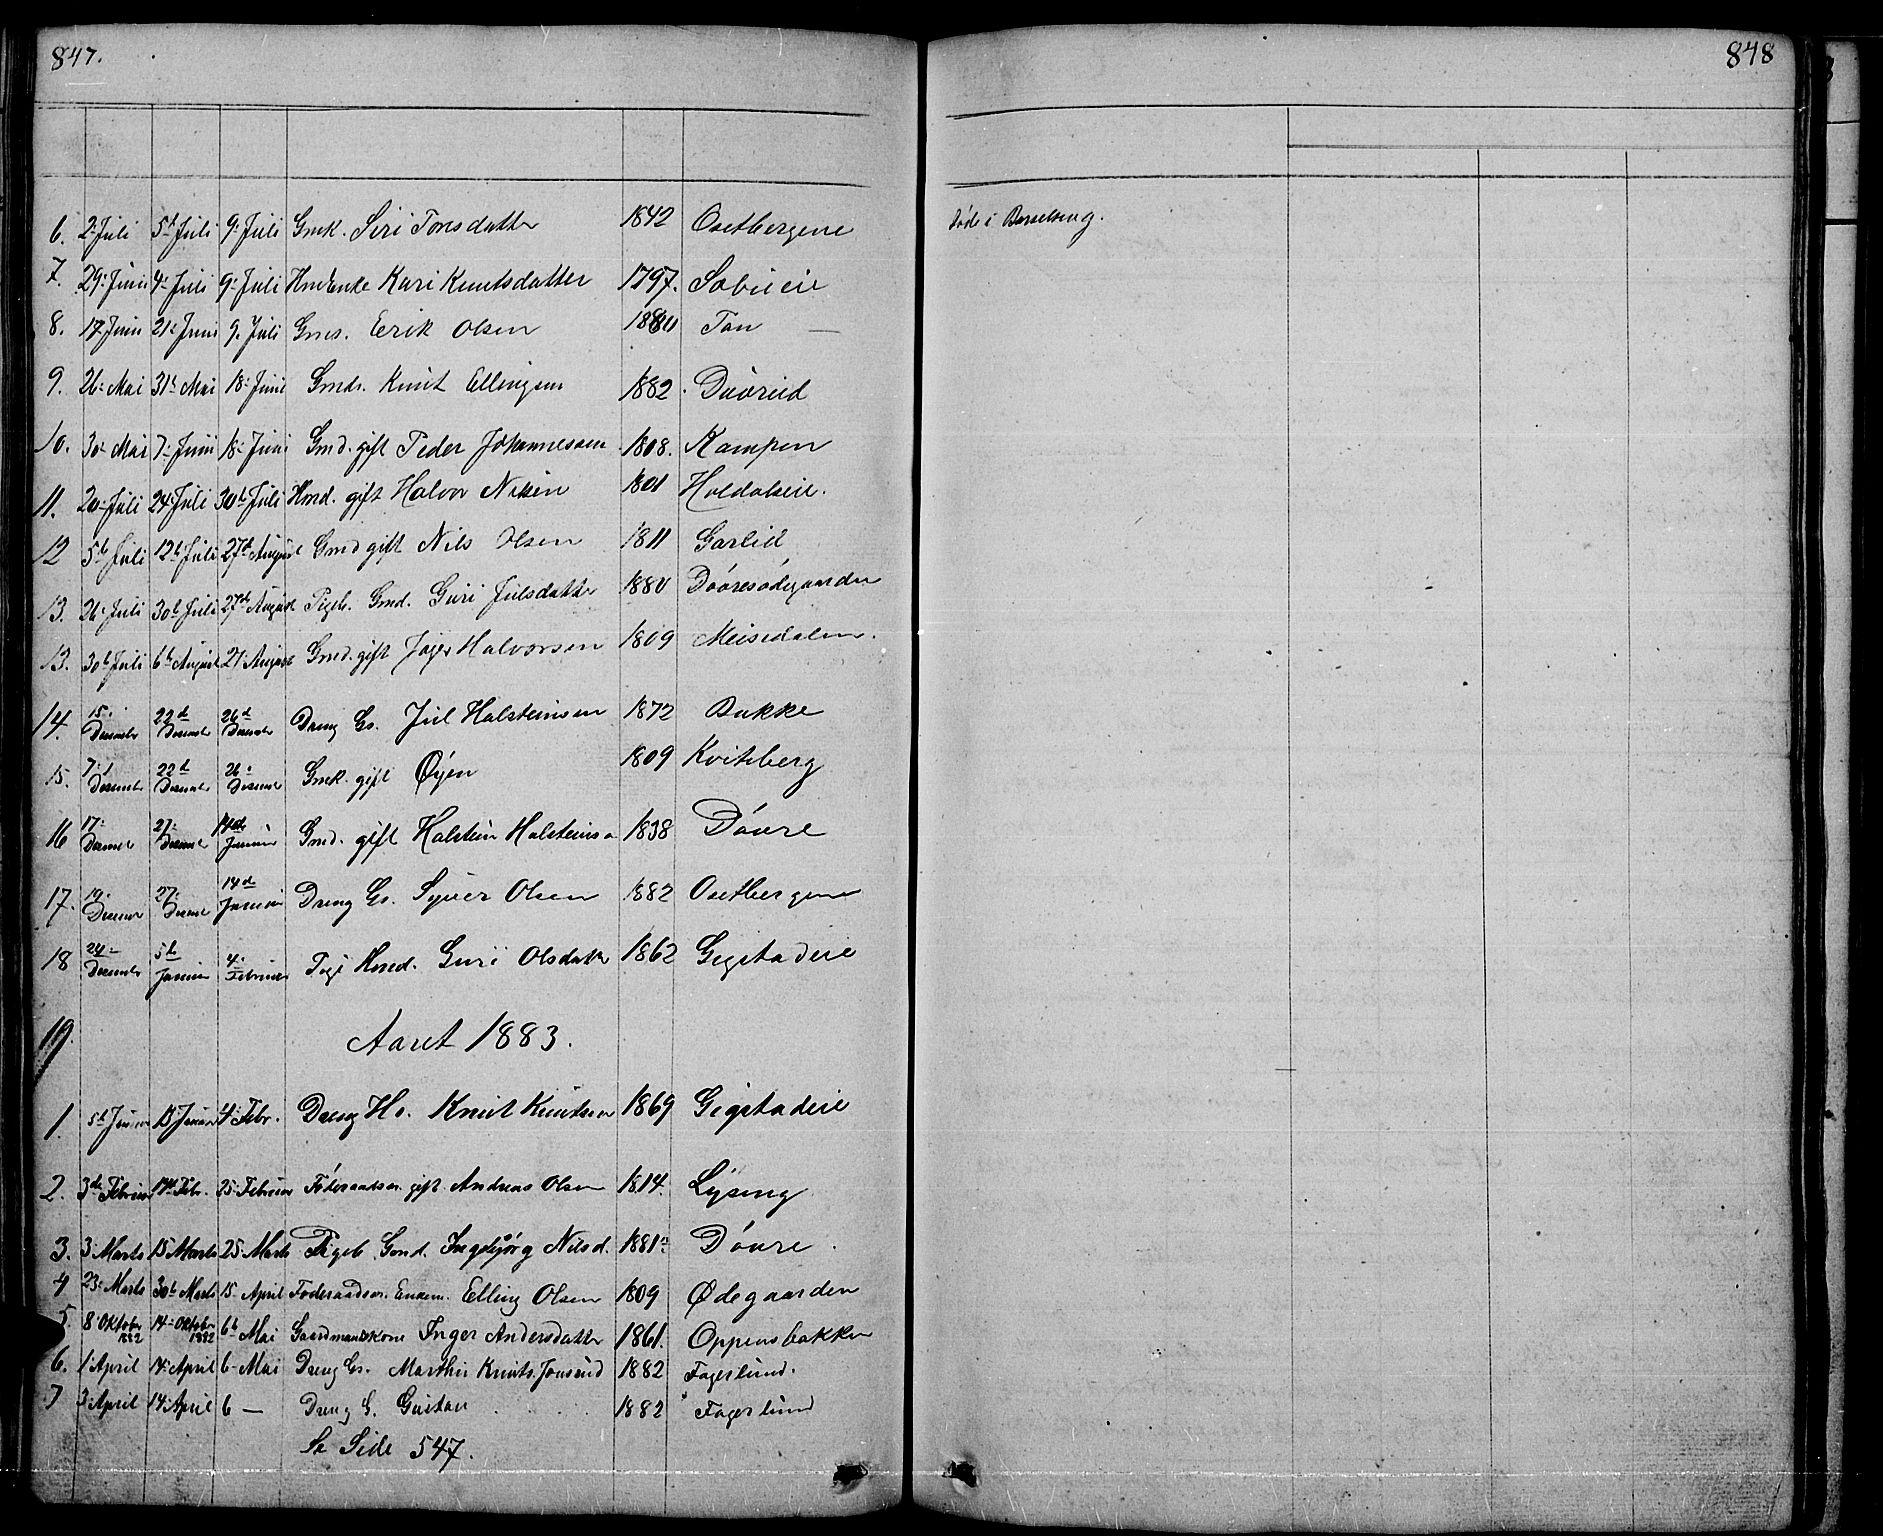 SAH, Nord-Aurdal prestekontor, Klokkerbok nr. 1, 1834-1887, s. 847-848